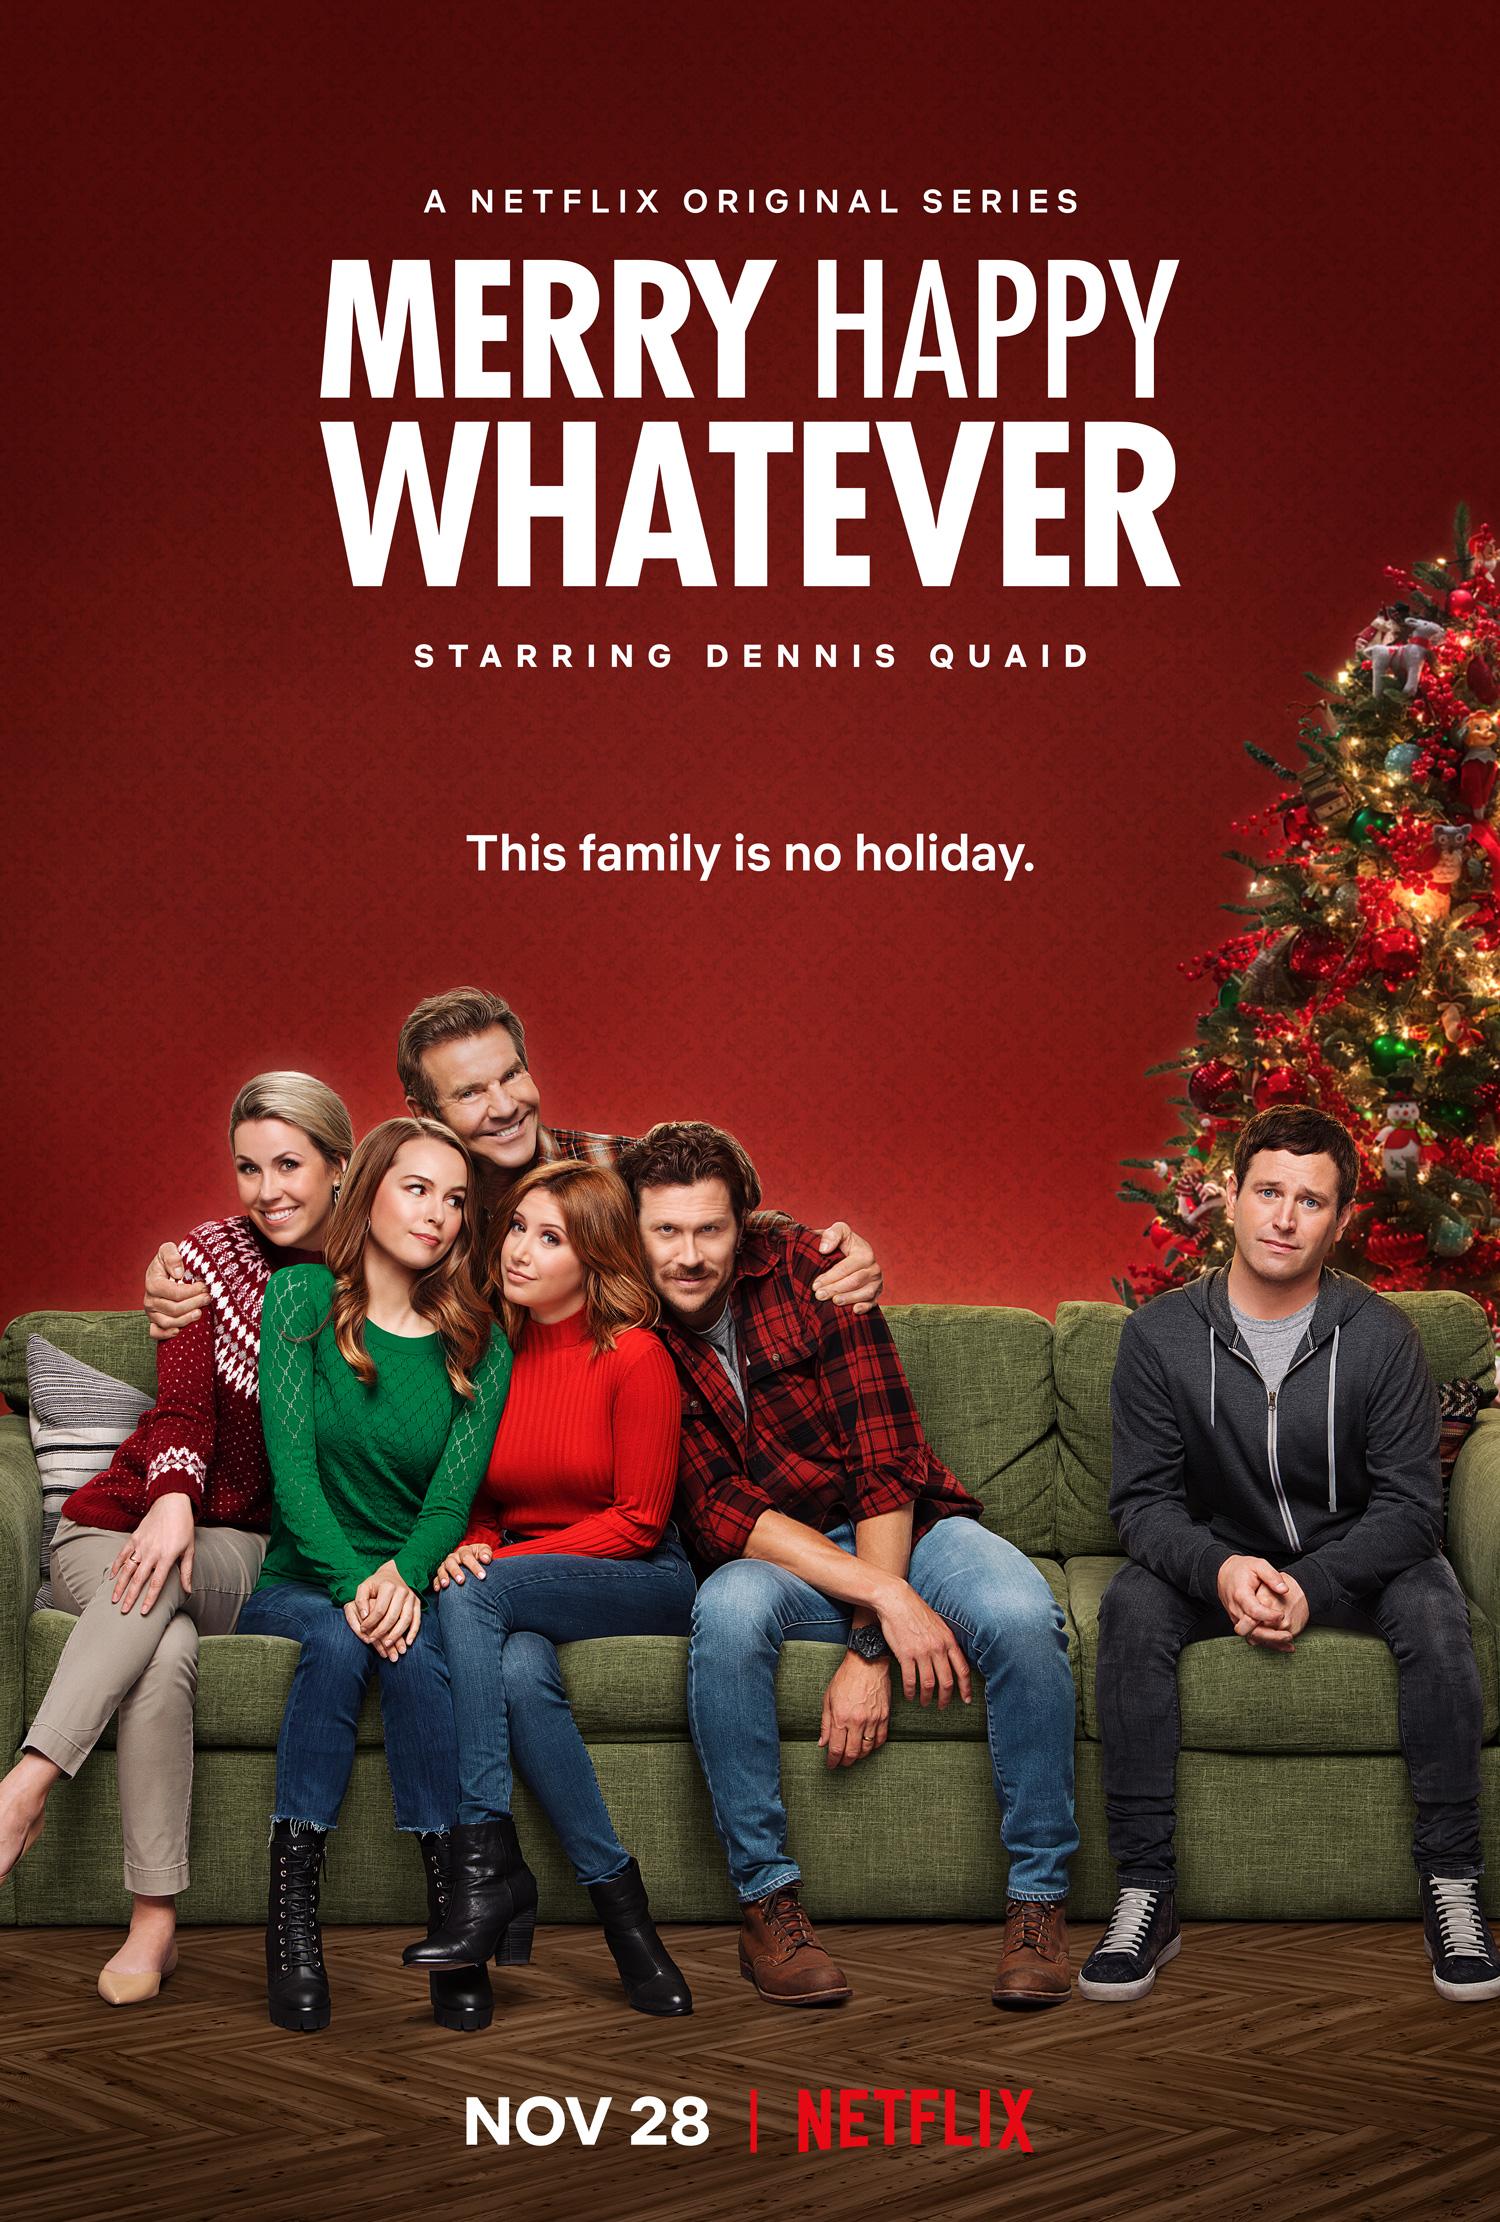 MERRY HAPPY WHATEVER (1 Sezonas)